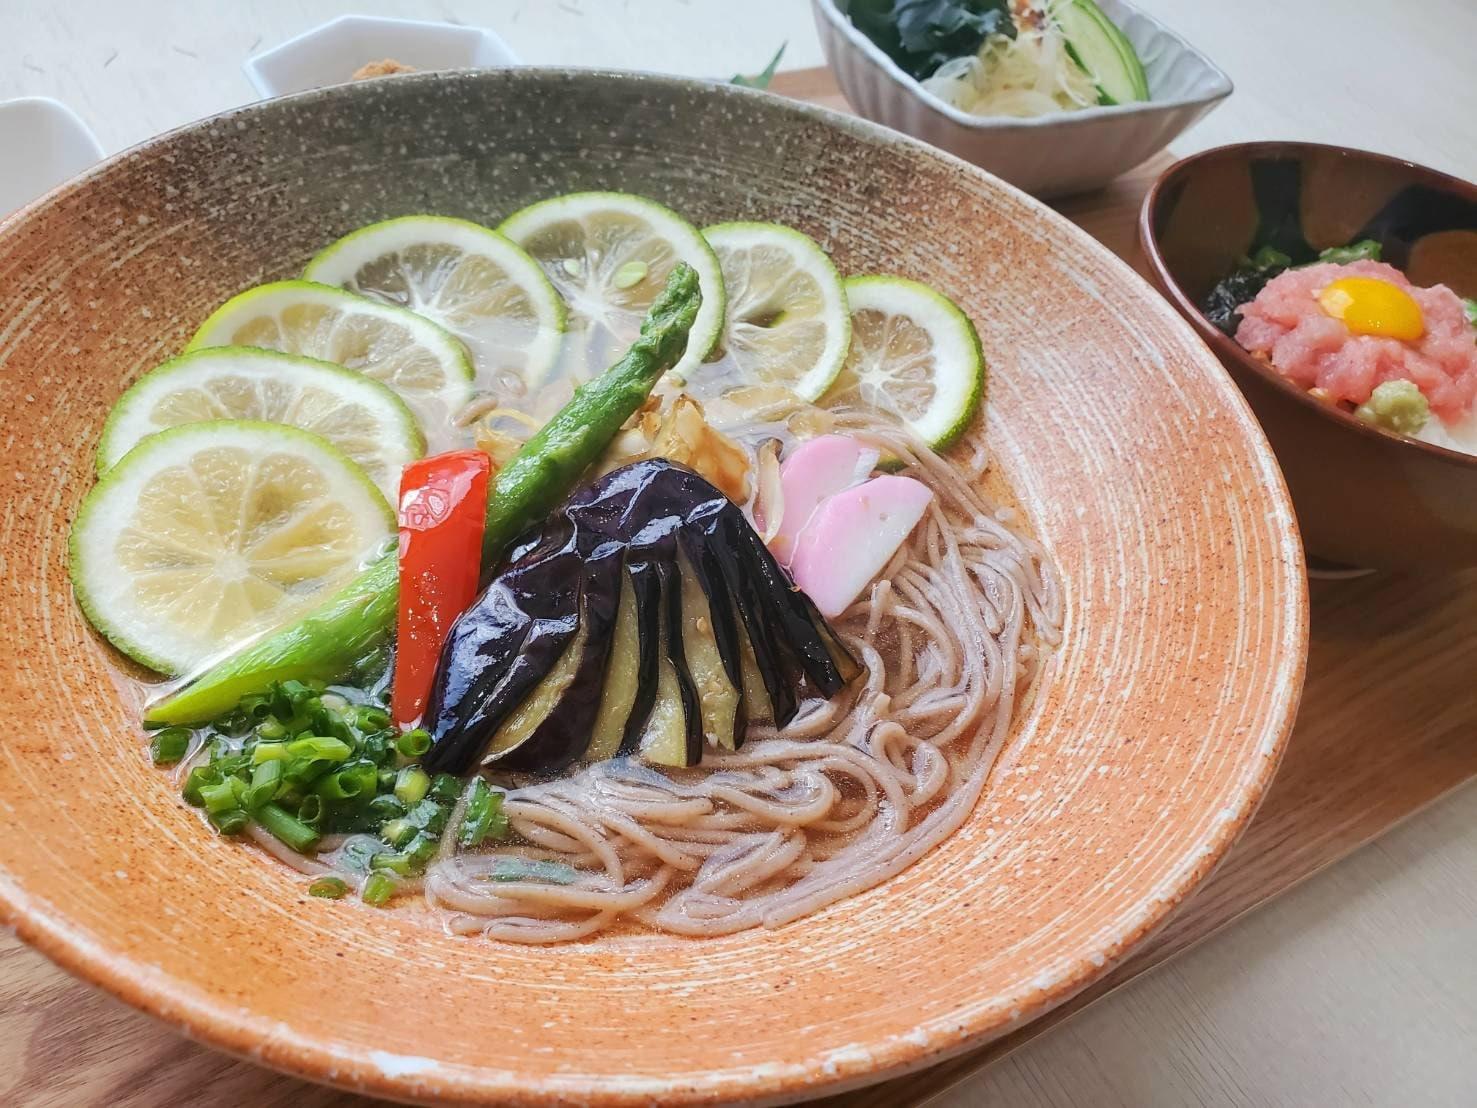 栄養士監修 1日の1/2の野菜が摂れる十割そばセットのイメージその3